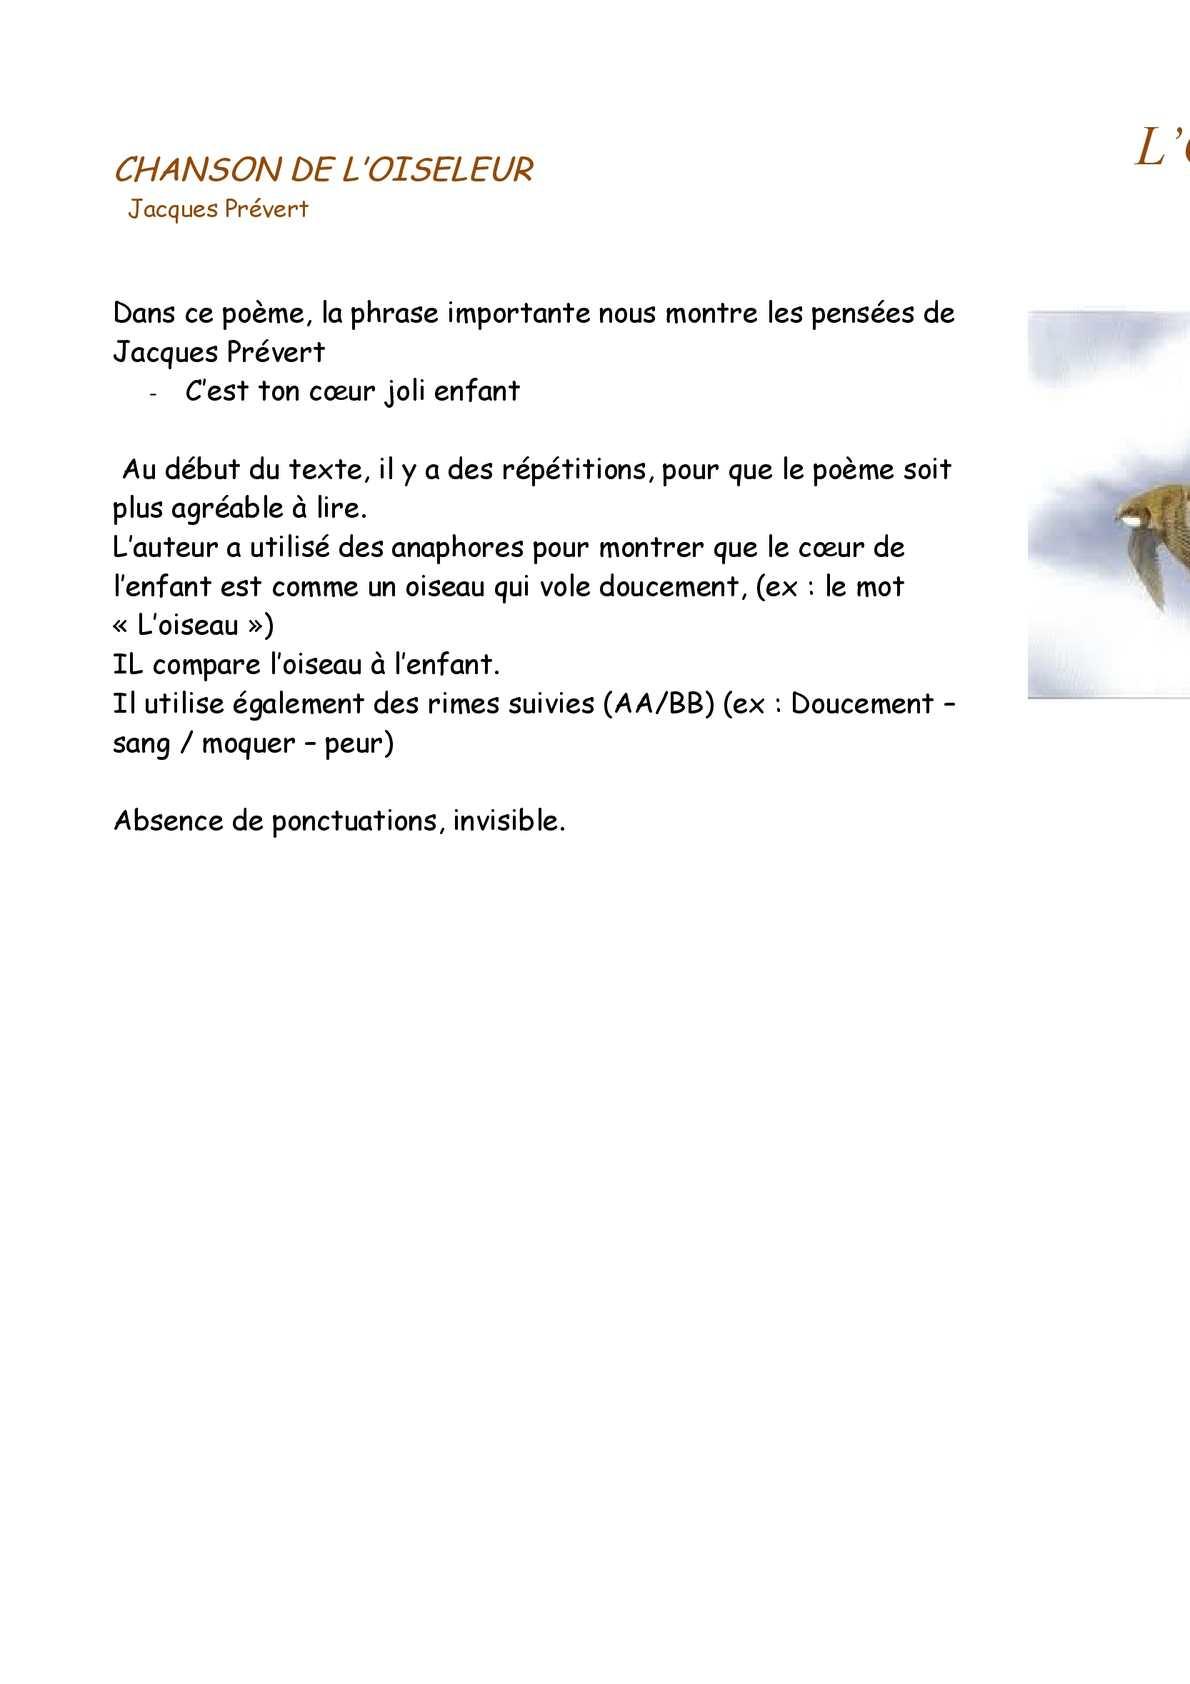 Calaméo - Chanson De L'oiseleur - Page 5 pour Poeme De Jacque Prevert